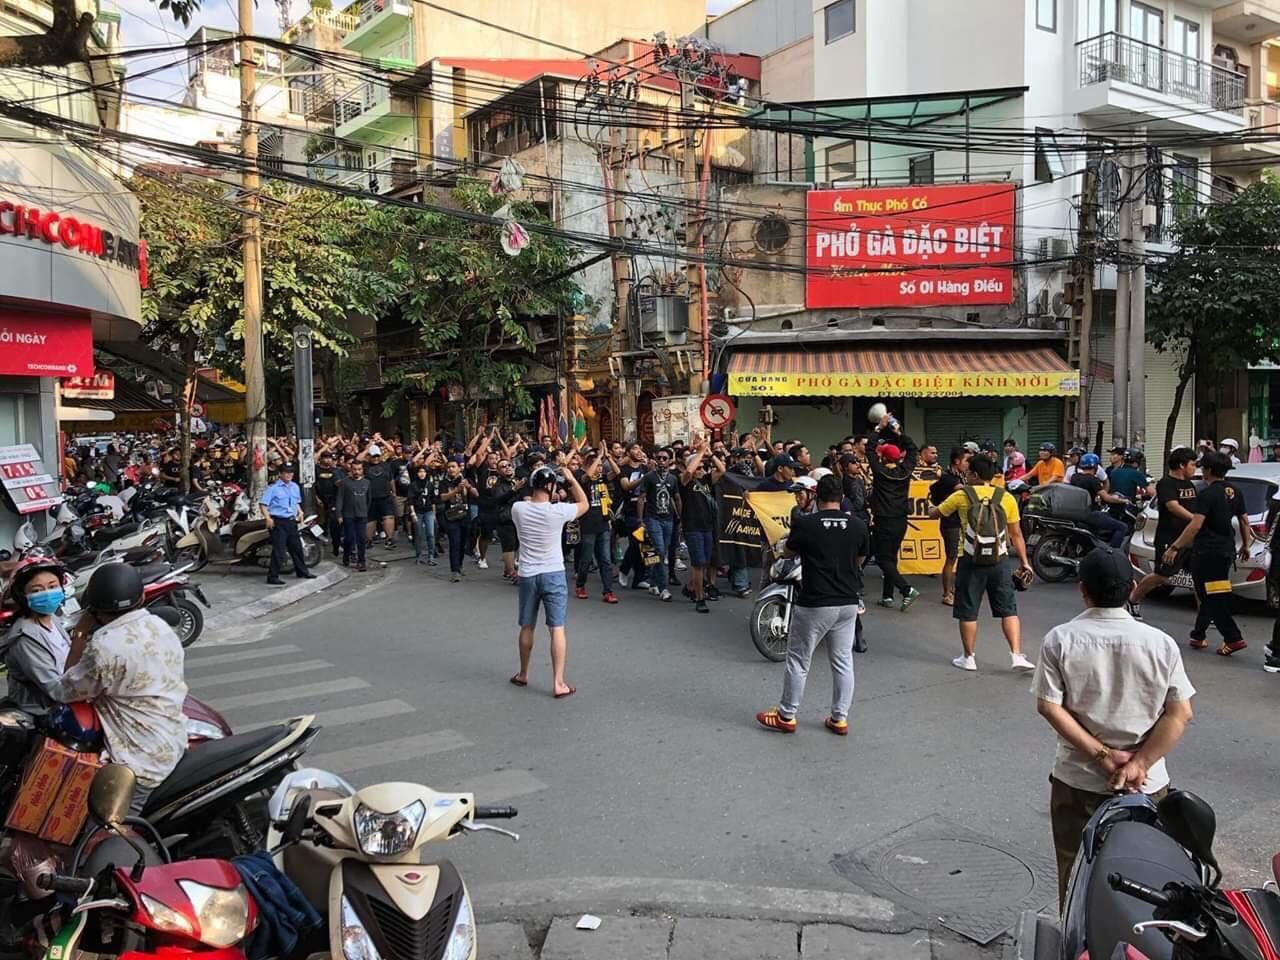 Fan Malaysia đại náo trên phố cổ Hà Nội trước cuộc so tài với Việt Nam ở AFF Cup 2018-1